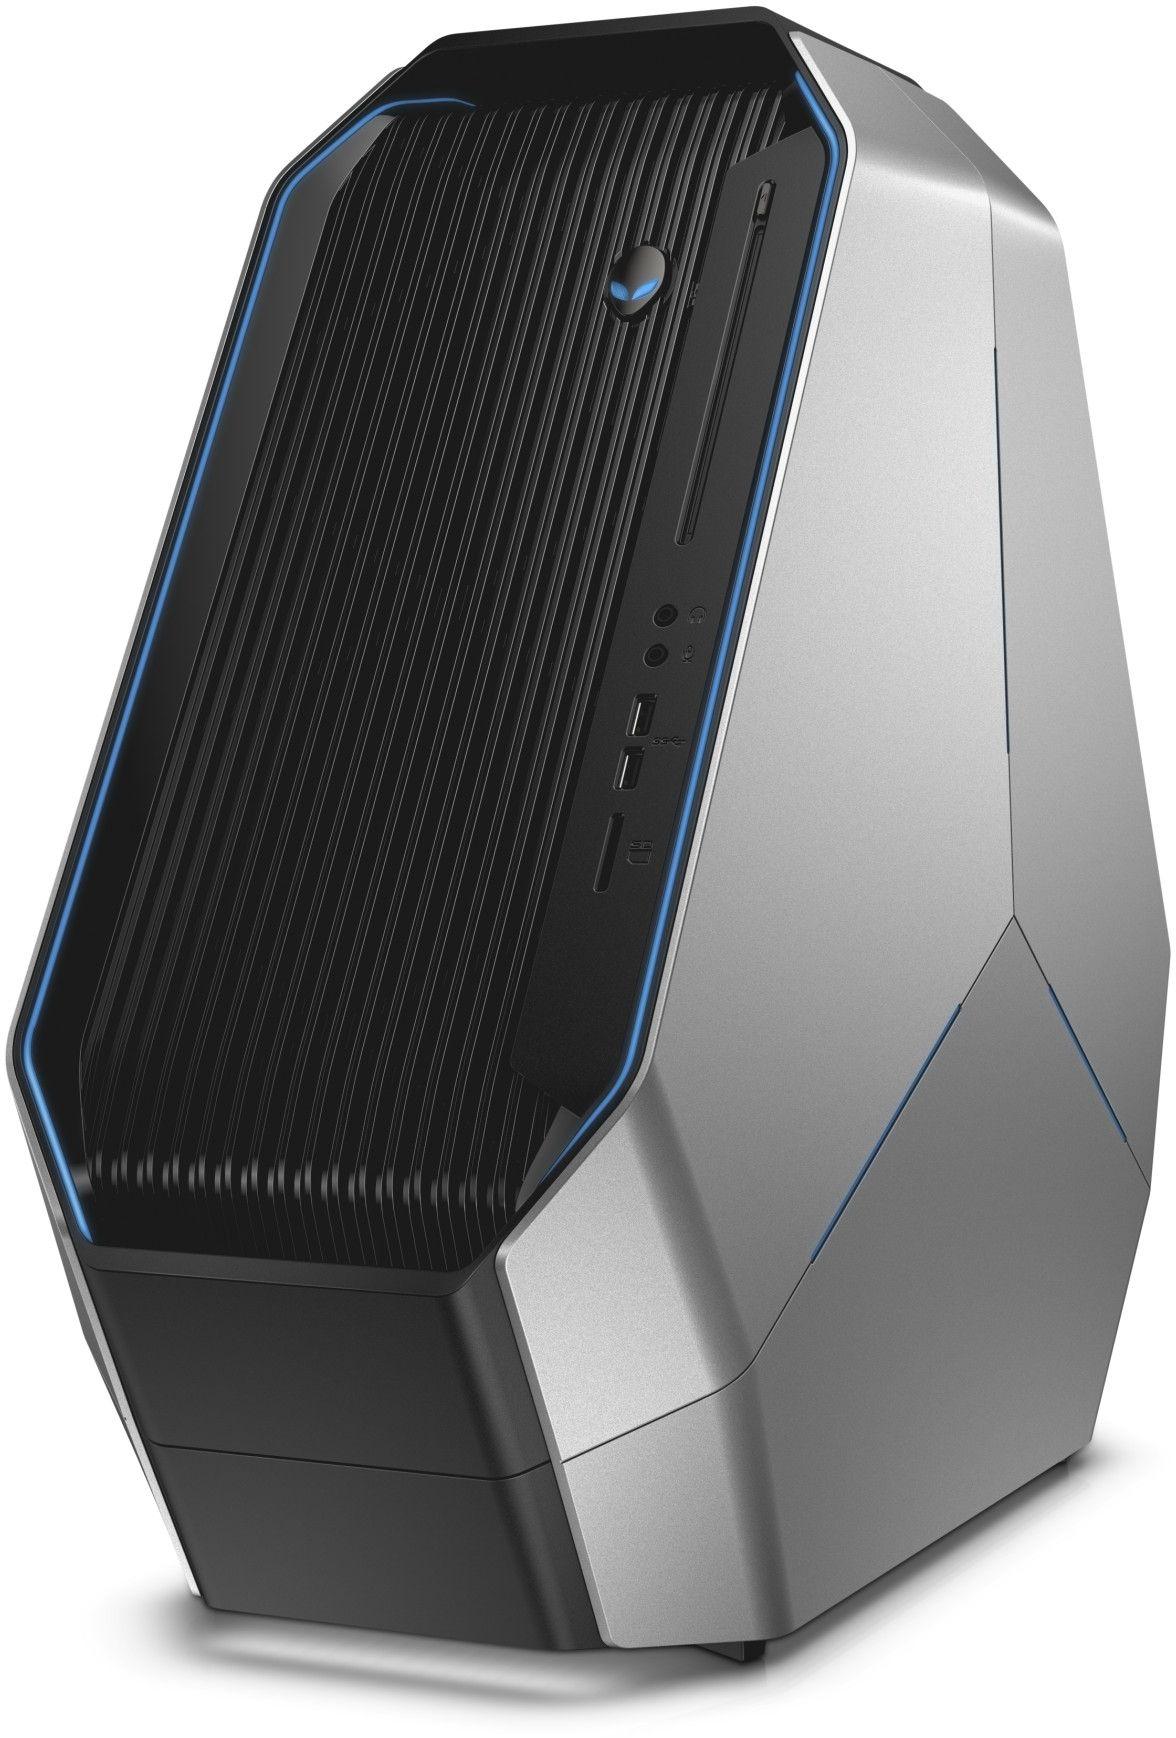 Alienware Area 51 R2 Base, i7-6800K, 32GB DDR4, 480GB SSD, 2TB HDD